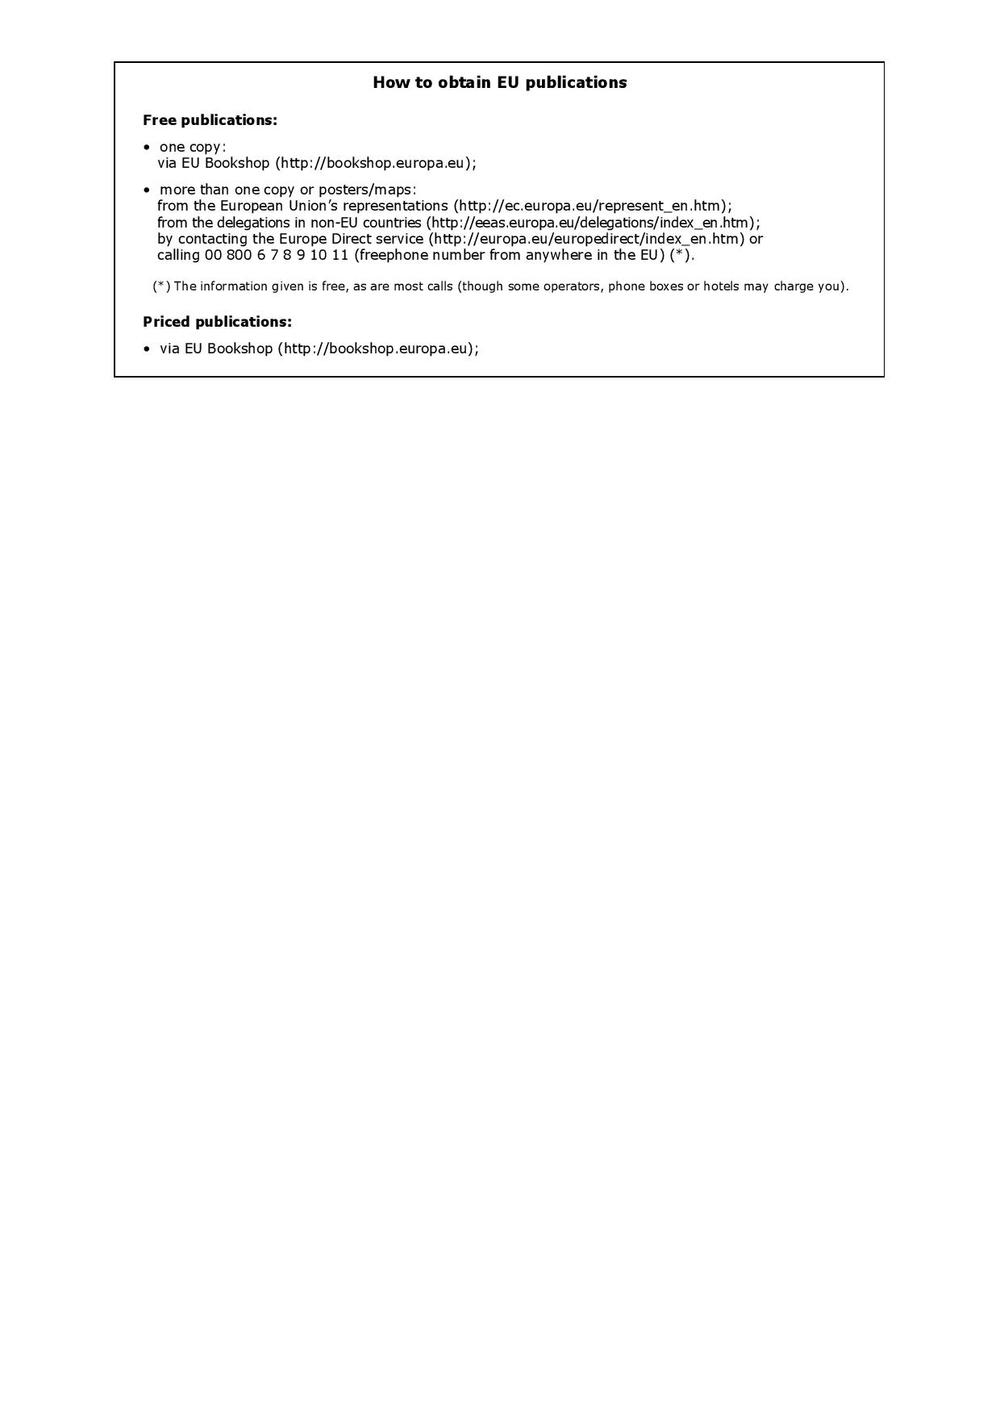 DG RTD_WEB-Publication A4_NBS_long_version_20150310-page-073.jpg